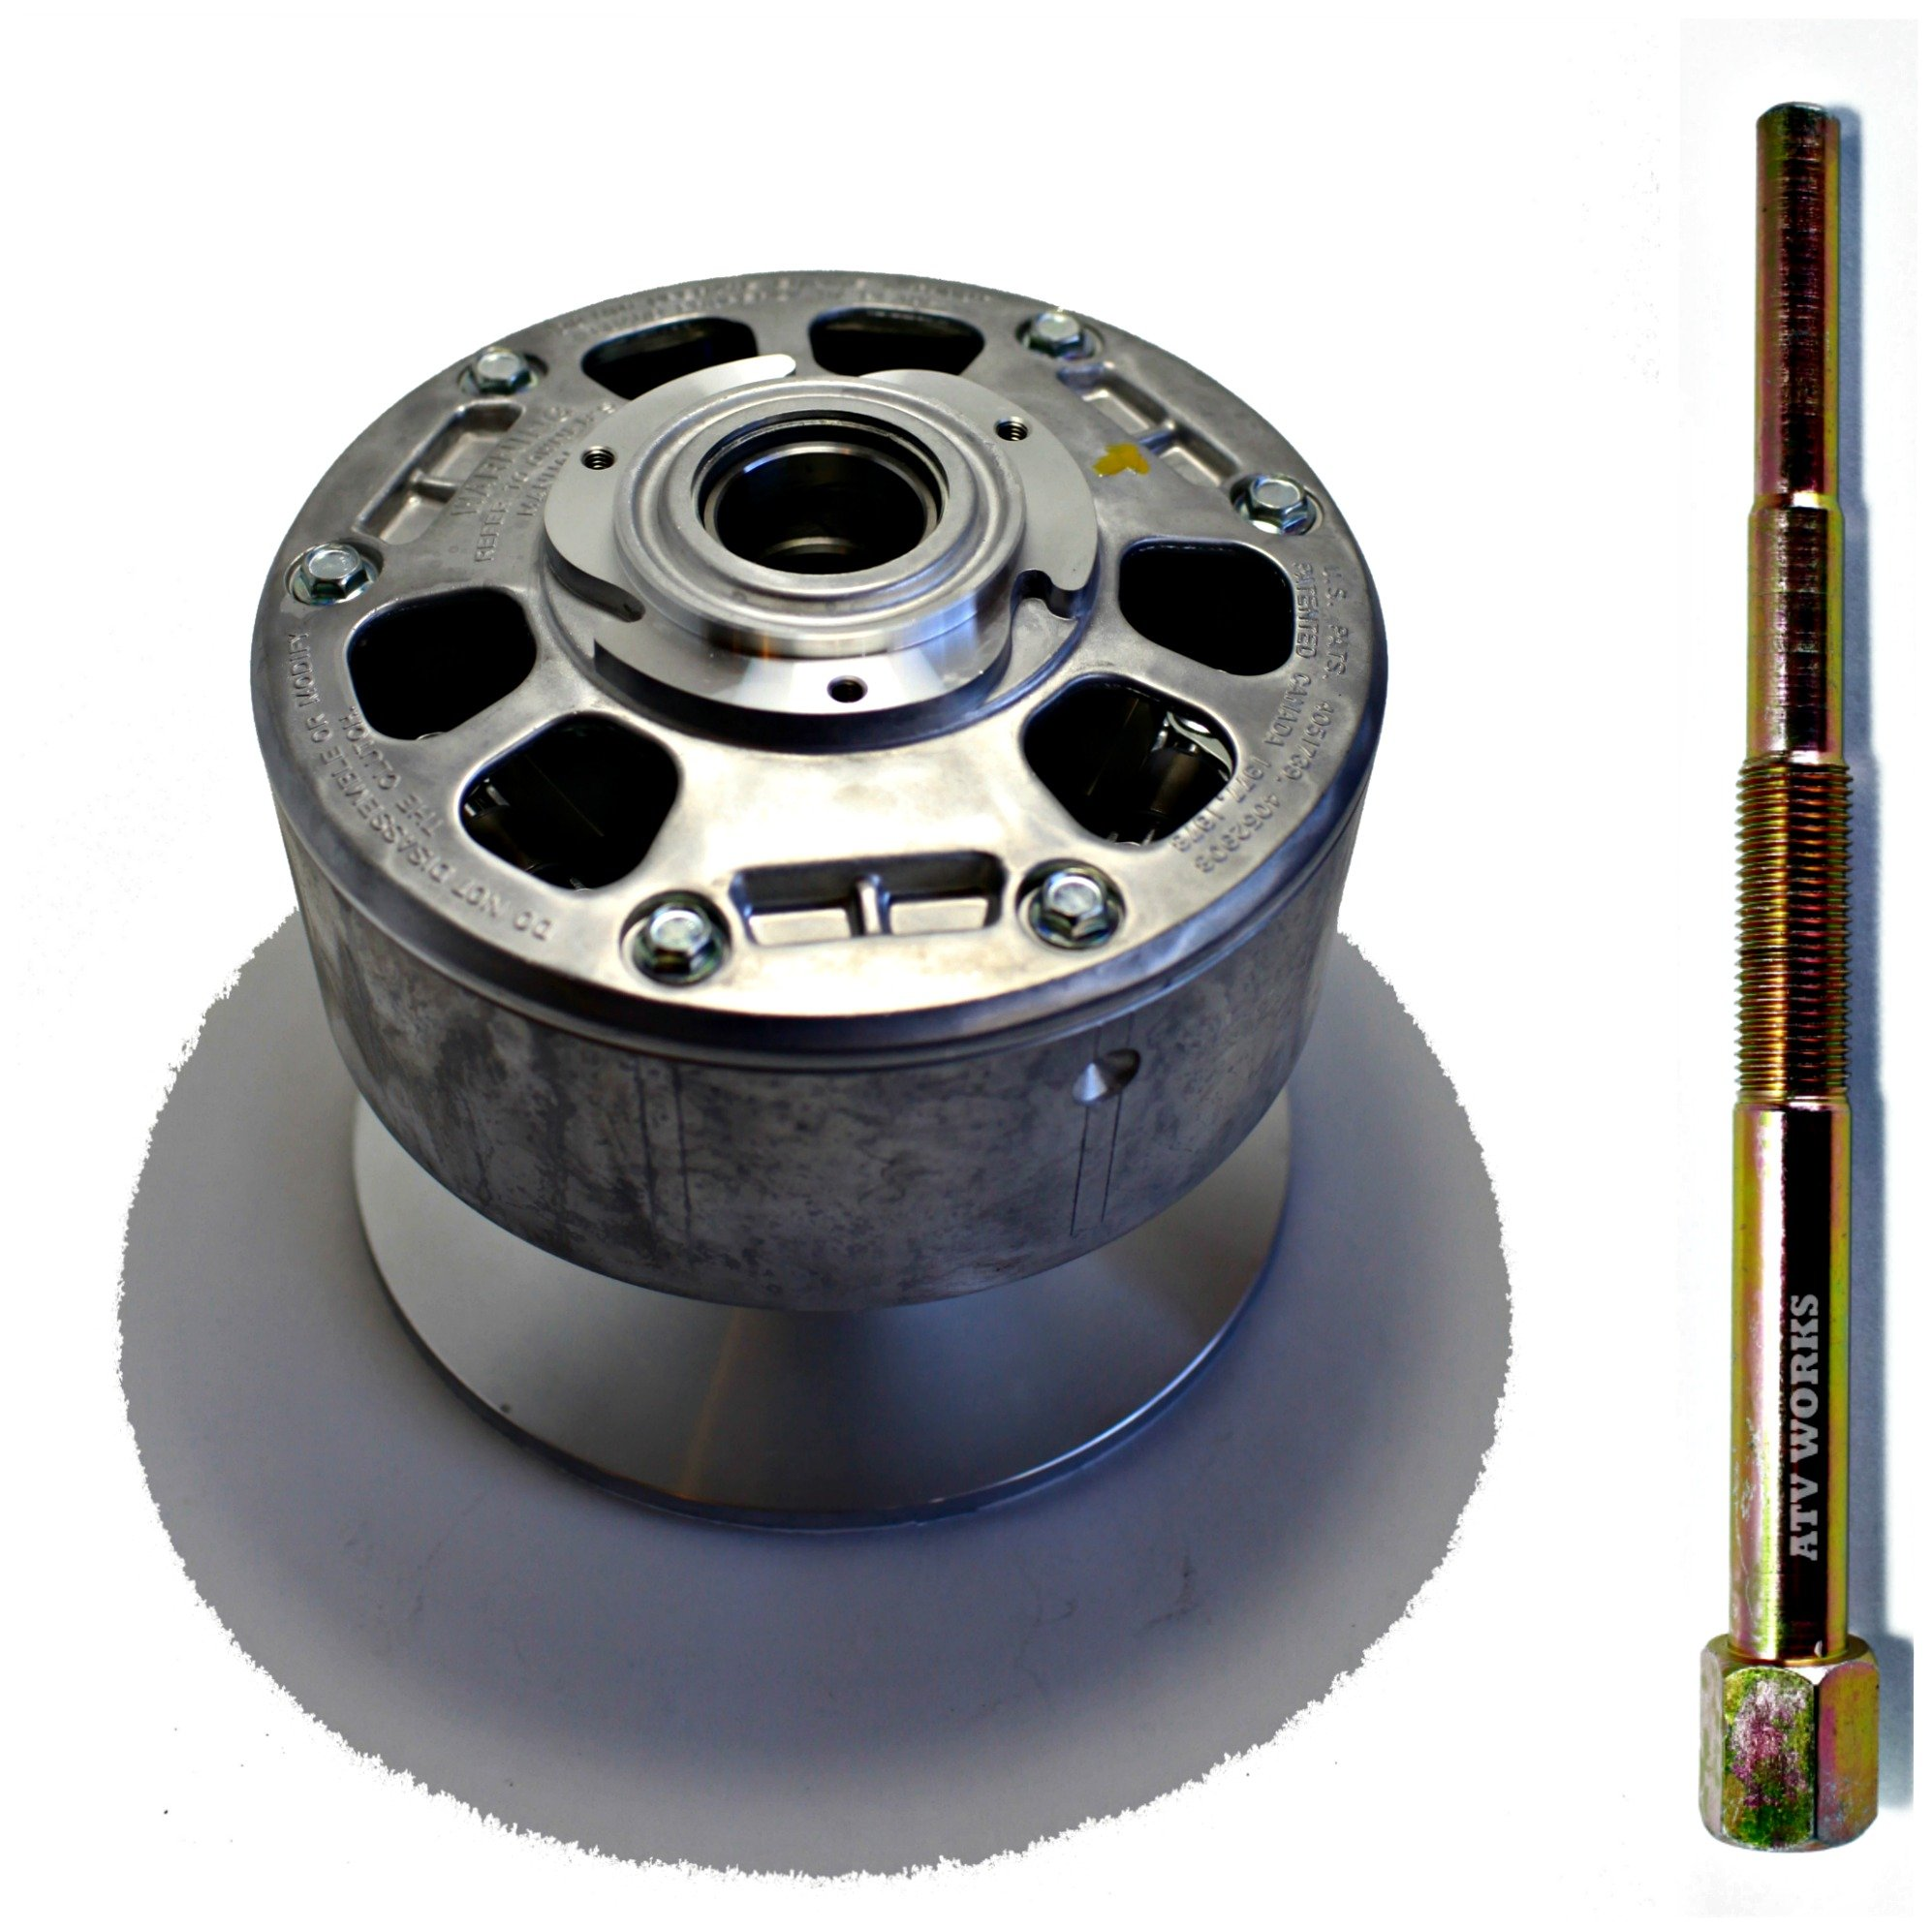 KAWASAKI Mule 2510 Diesel 2000-2002 / 3010 4x4 Diesel 2003 Primary Drive Converter NEW OEM 49093-1068 w/ a Puller Tool Replacement by ATVWorks